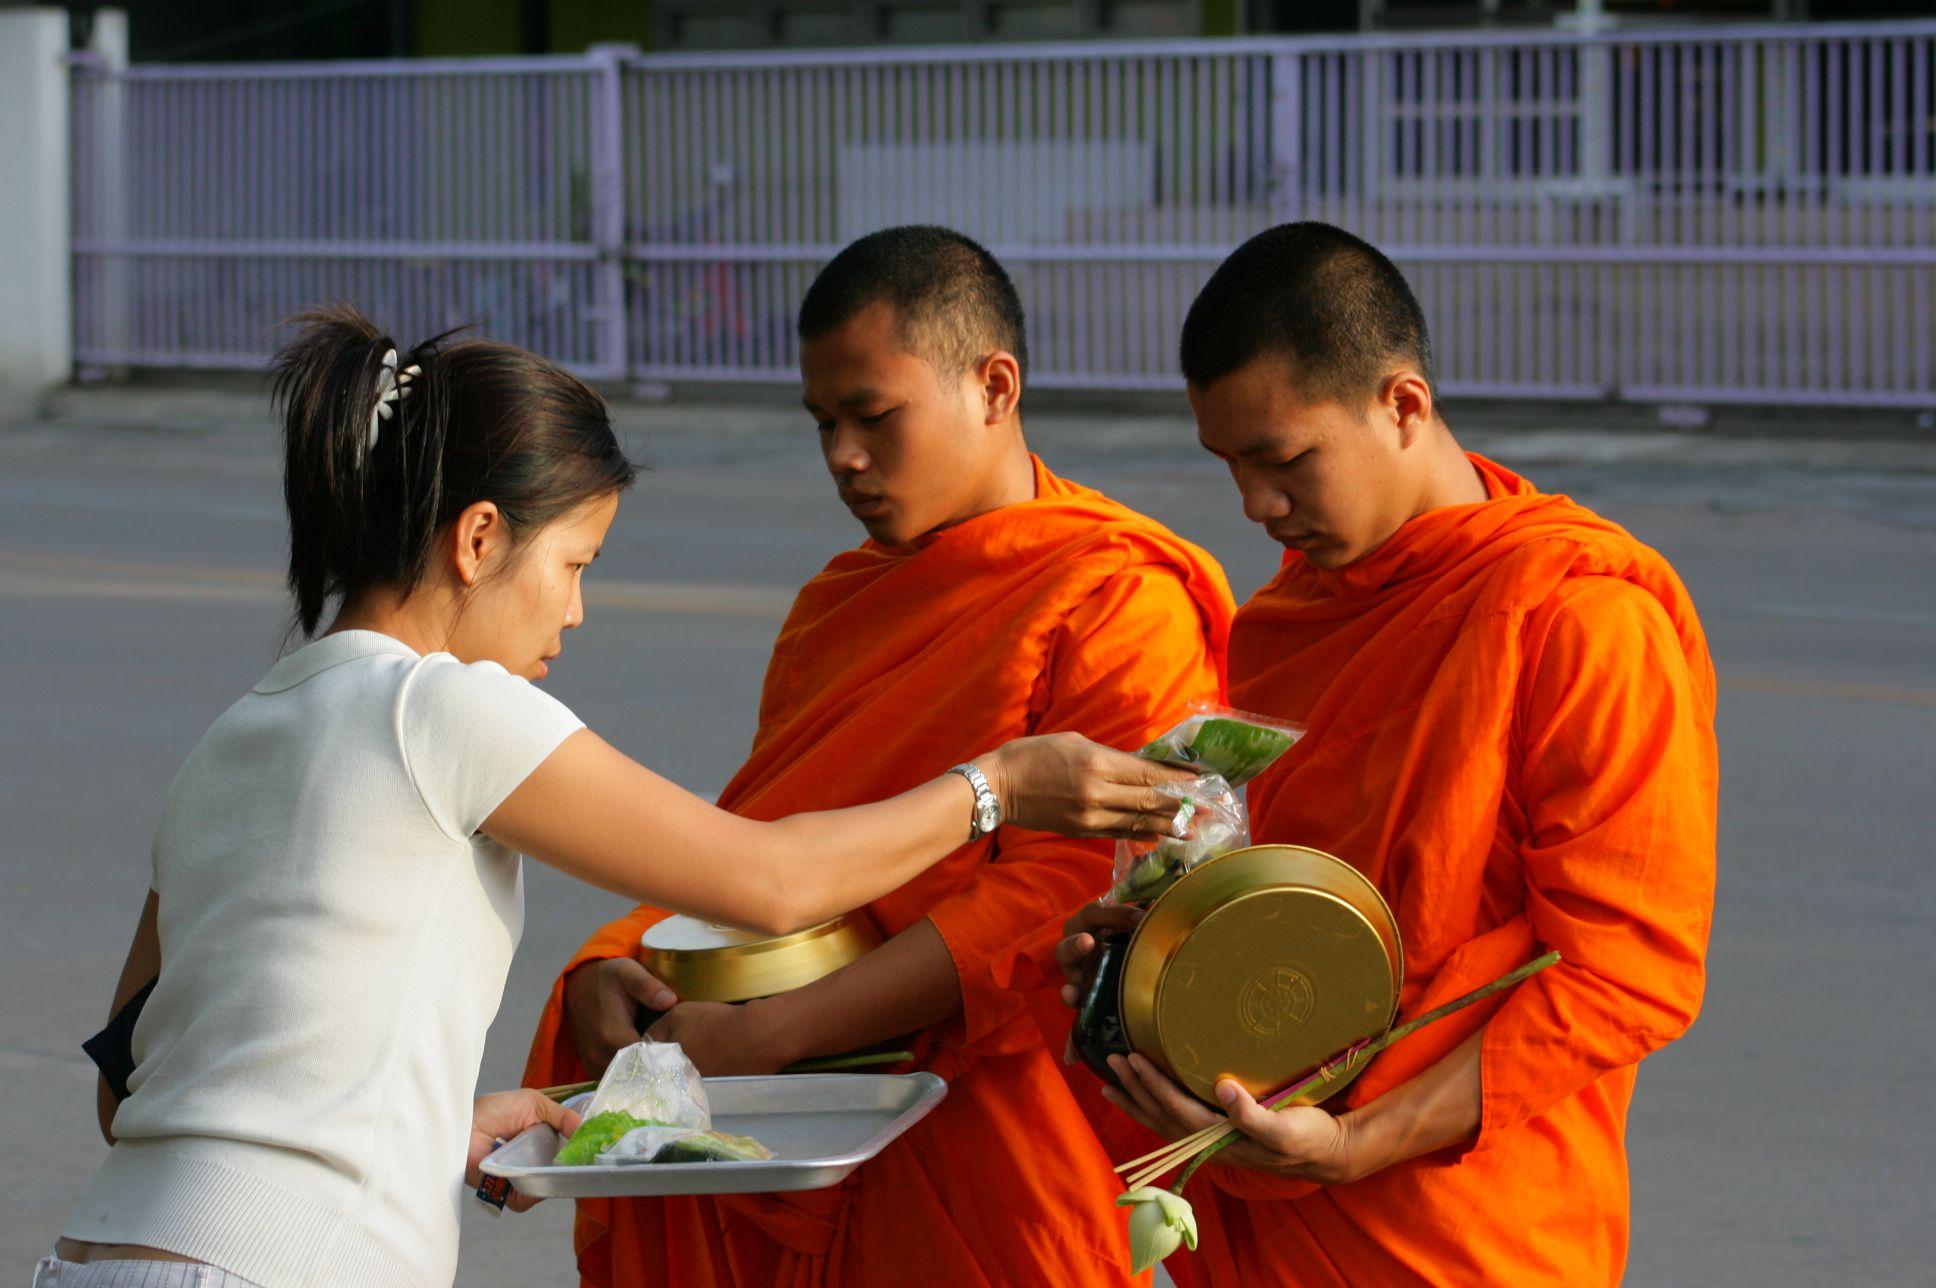 Những điều cấm kỵ khi đến Thái Lan bạn cần phải biết khi đi du lịch (2)